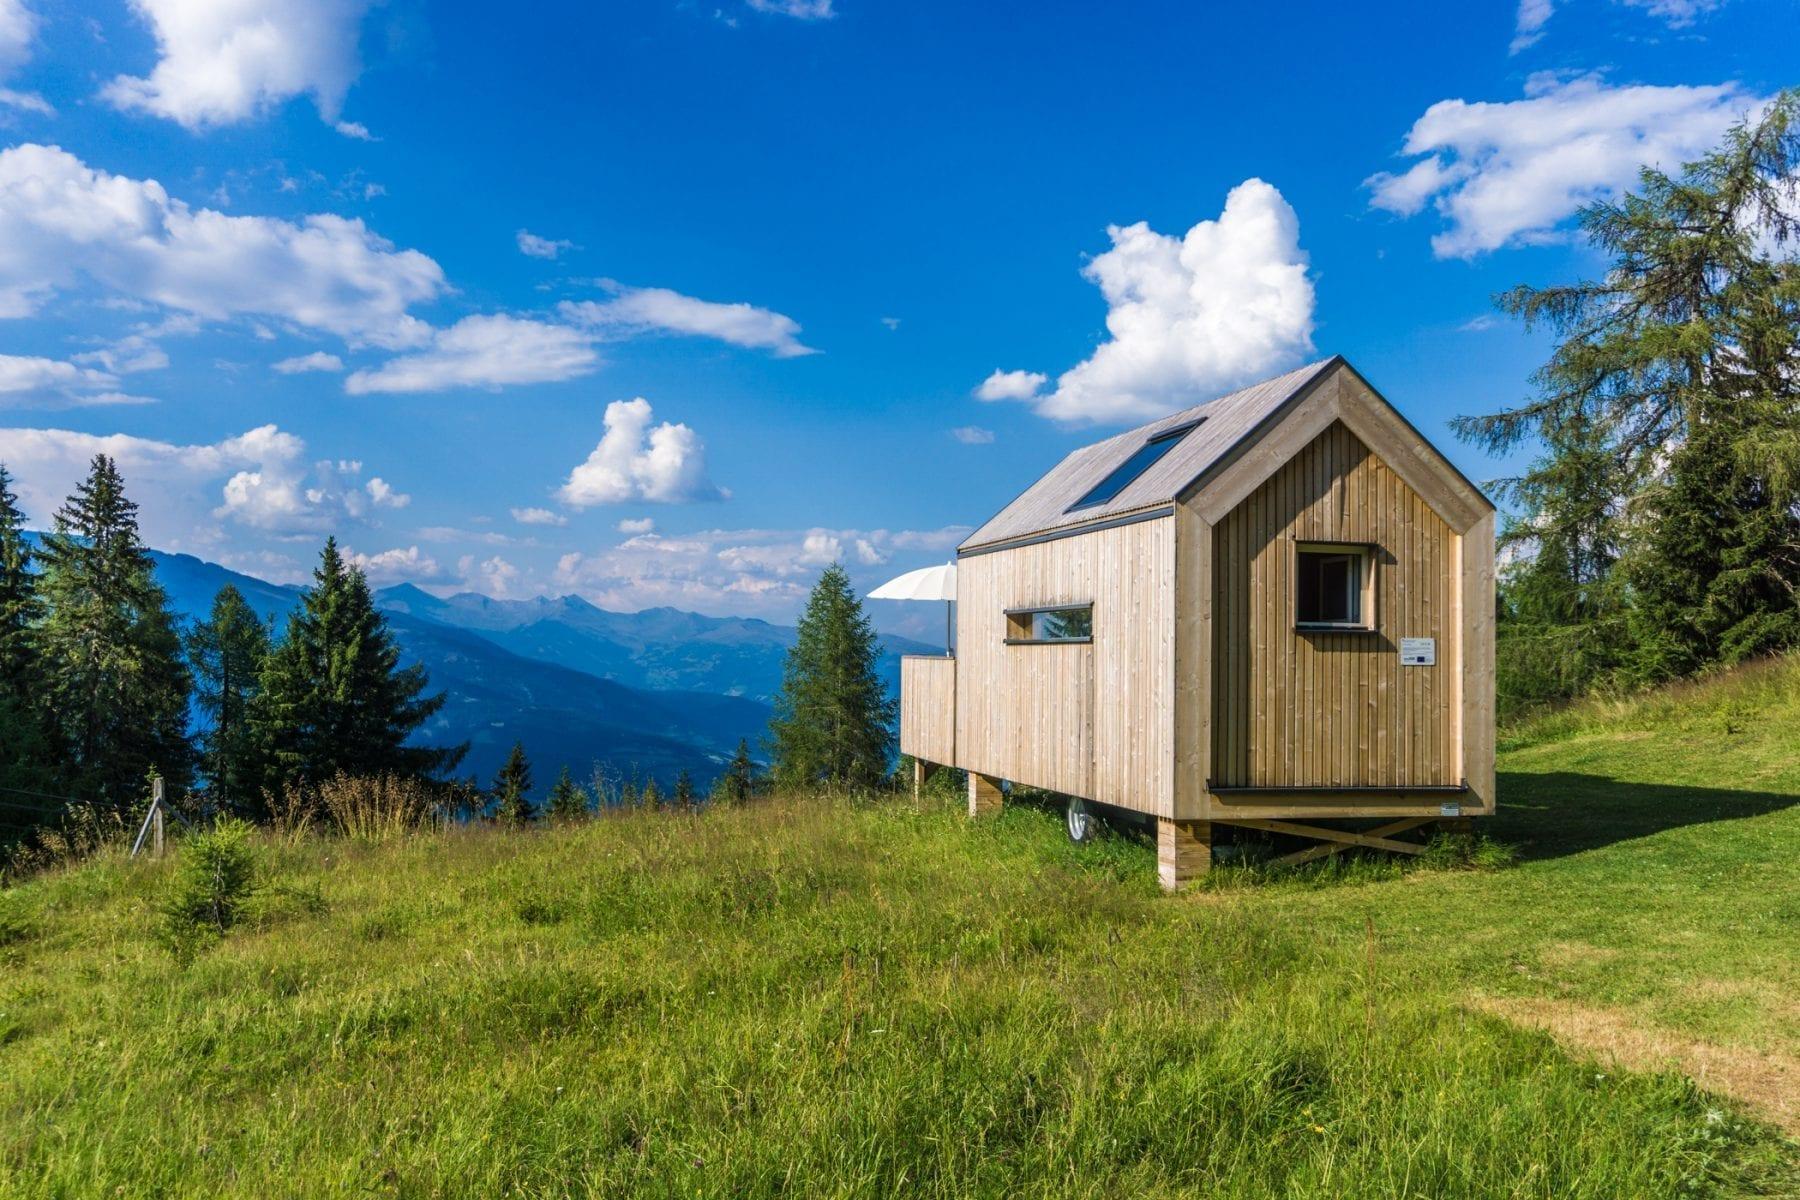 biwak-huis te koop Oostenrijk